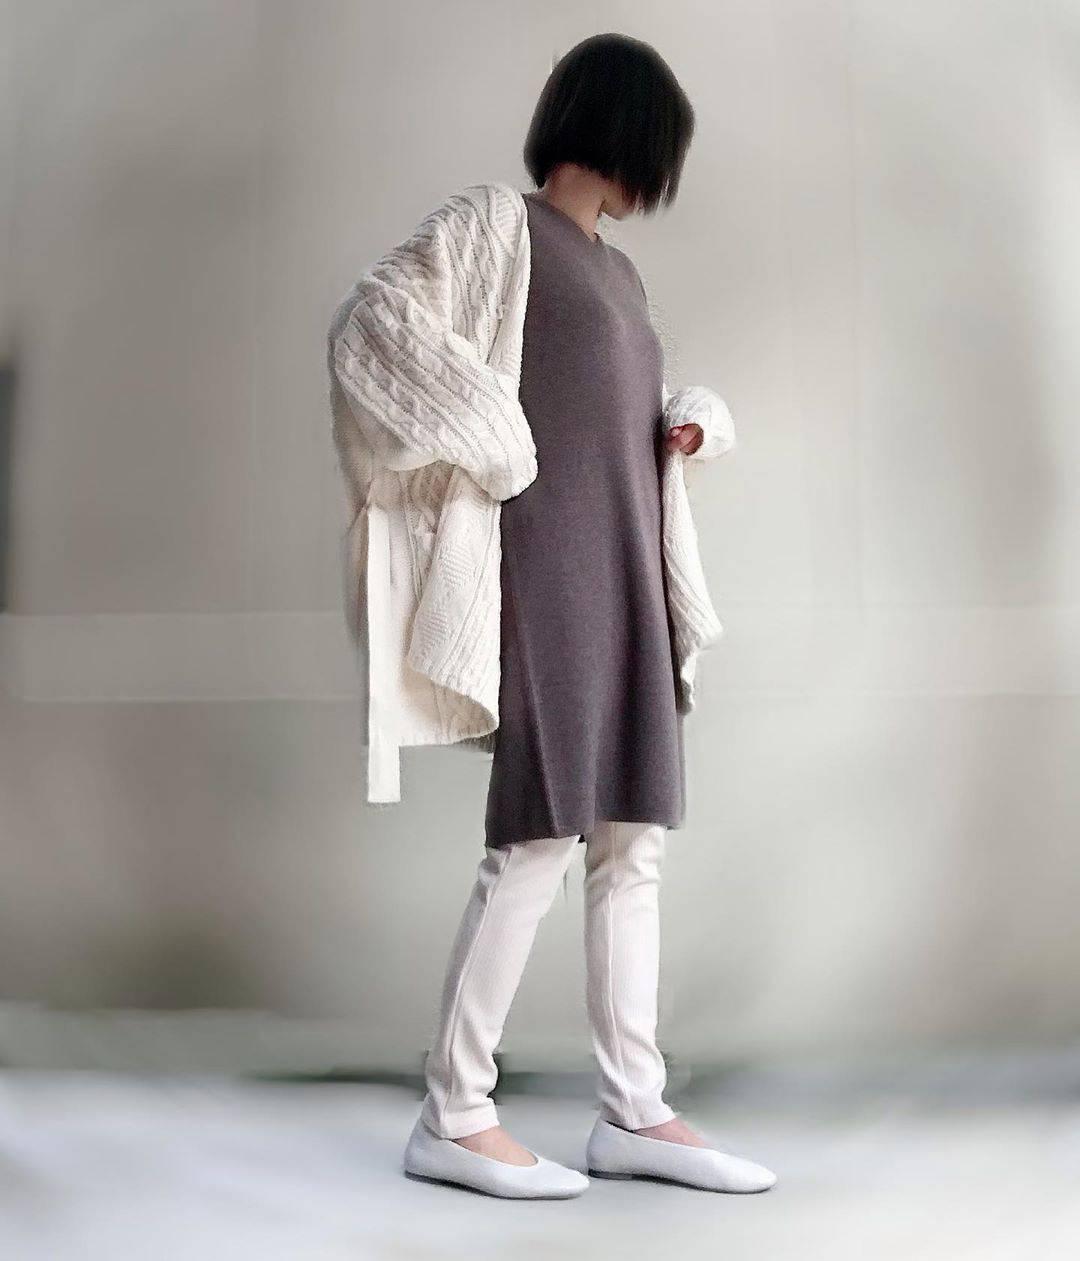 最高気温21度・最低気温8度 unange103の服装